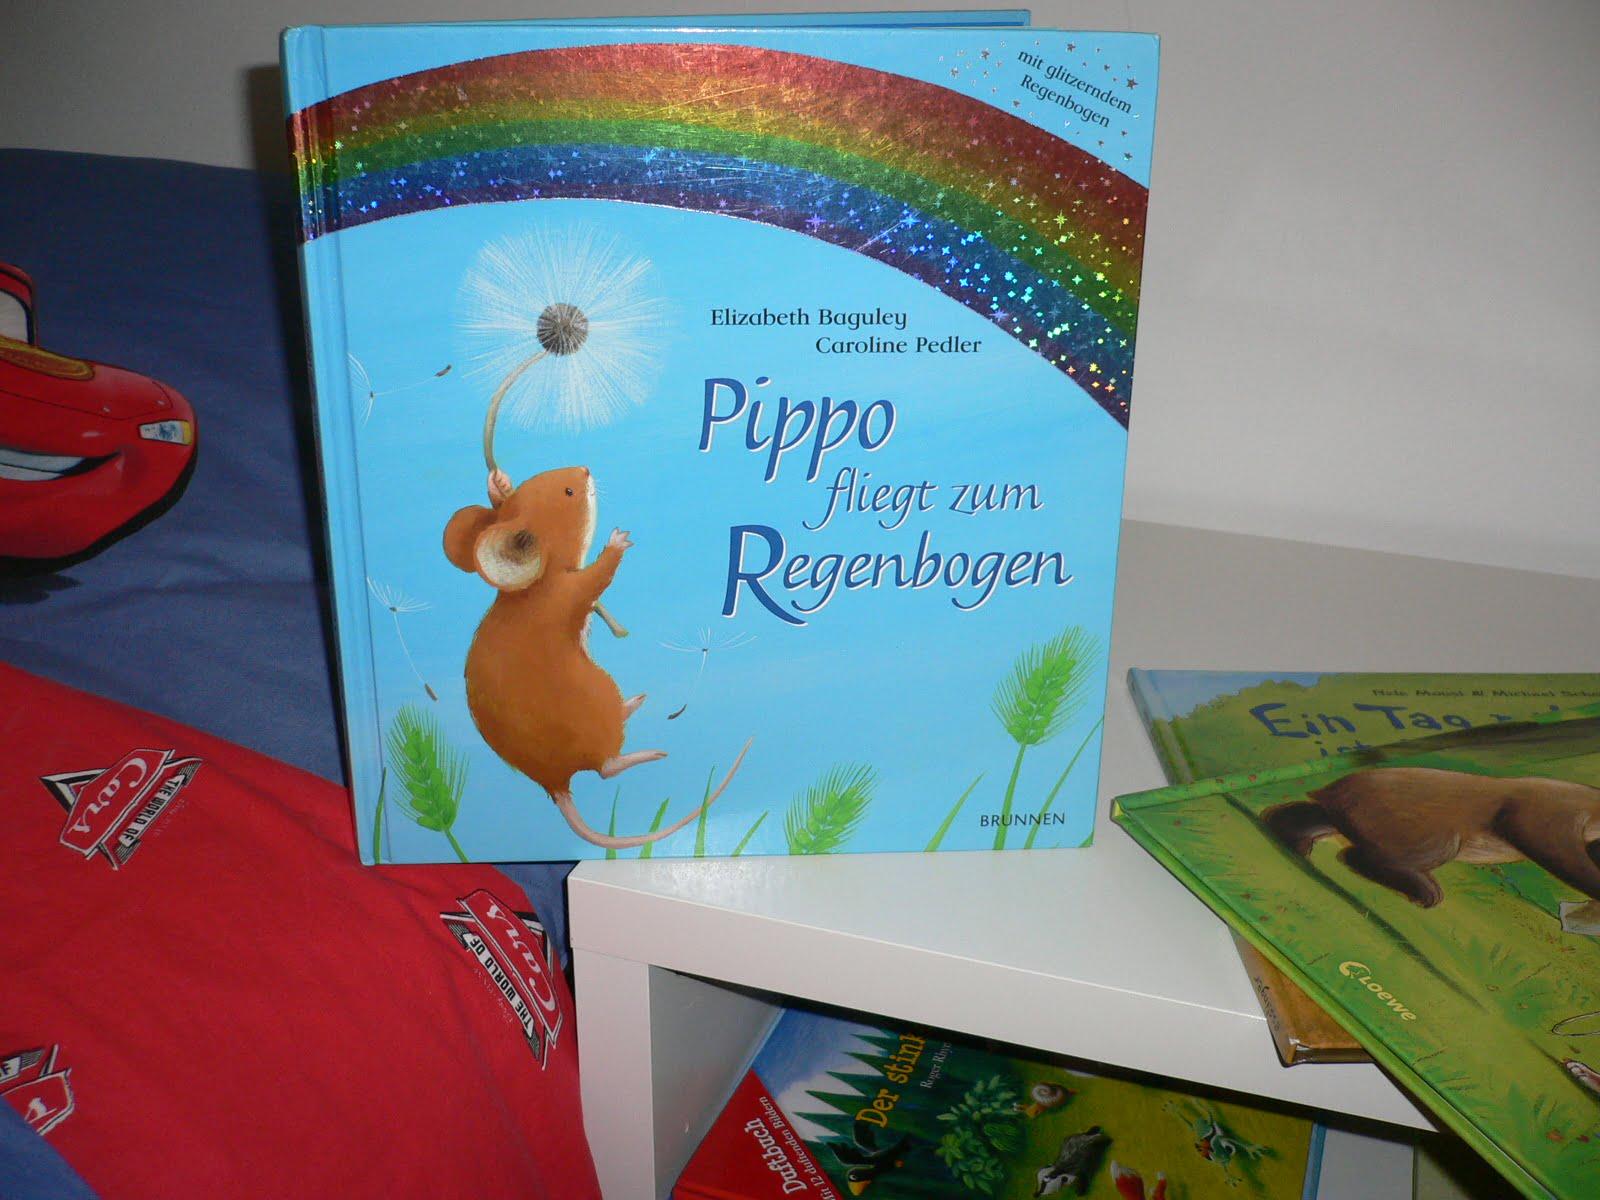 Pippo fliegt zum Regenbogen